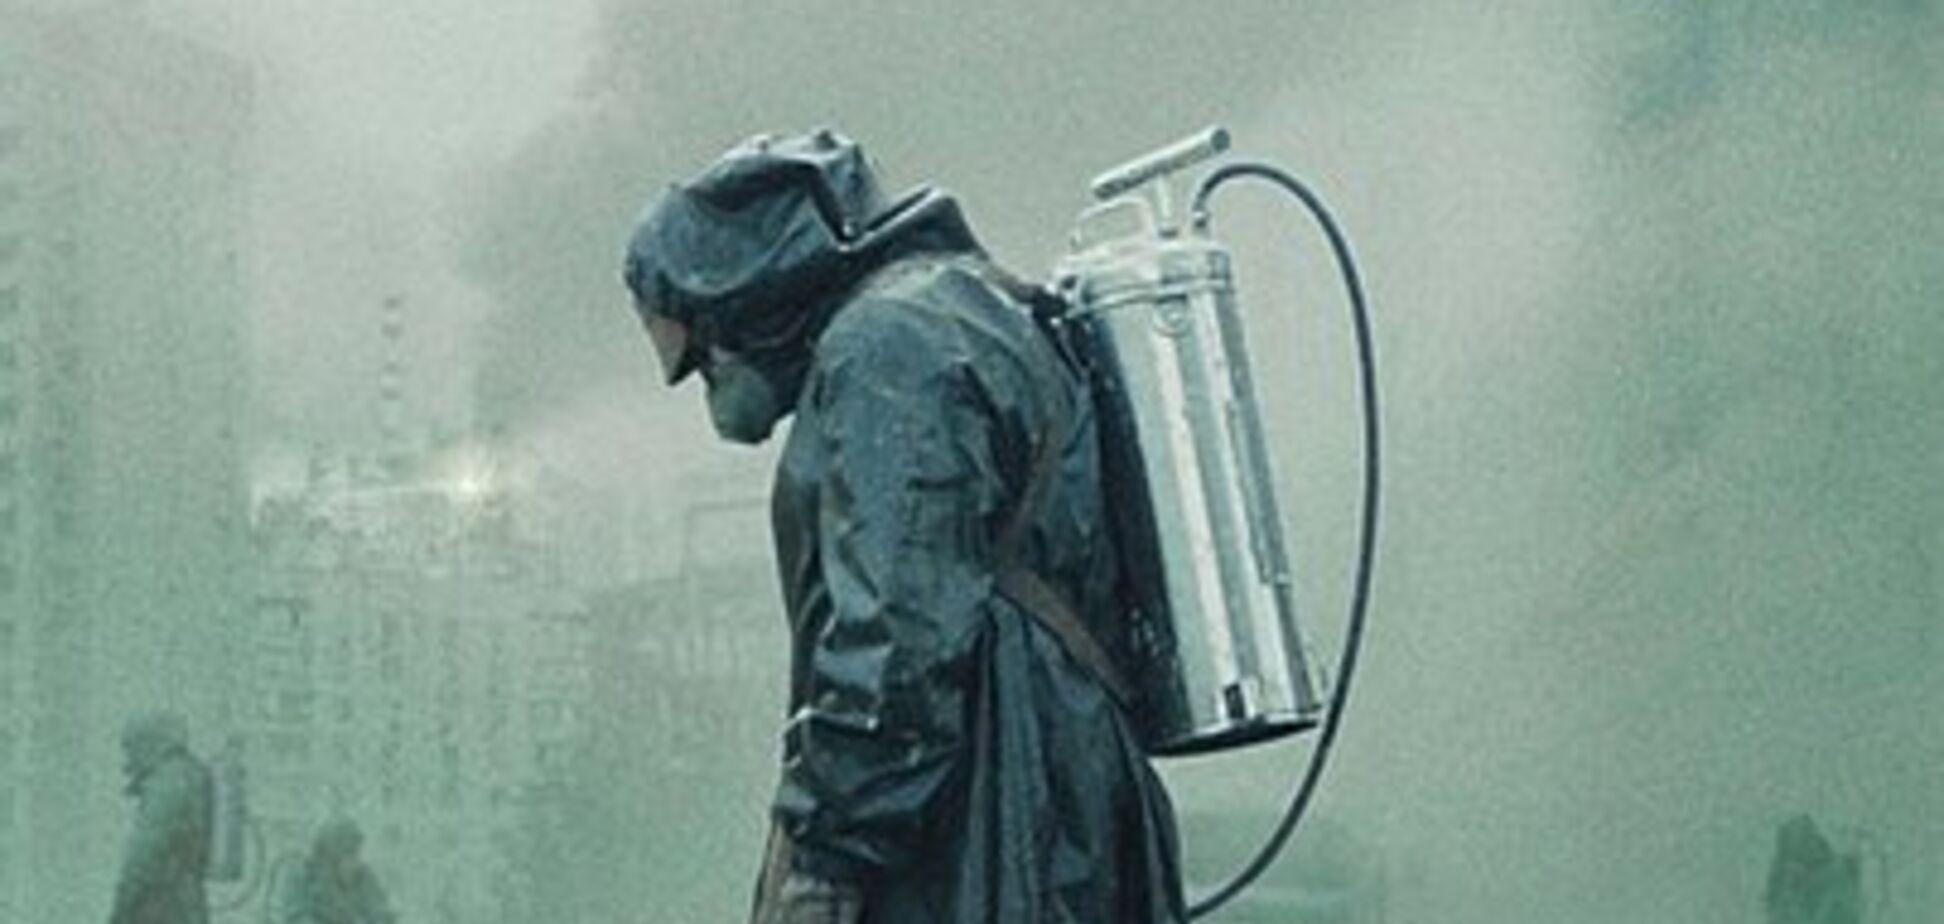 Сериал 'Чернобыль' стал лидером по количеству номинаций на телепремию BAFTA